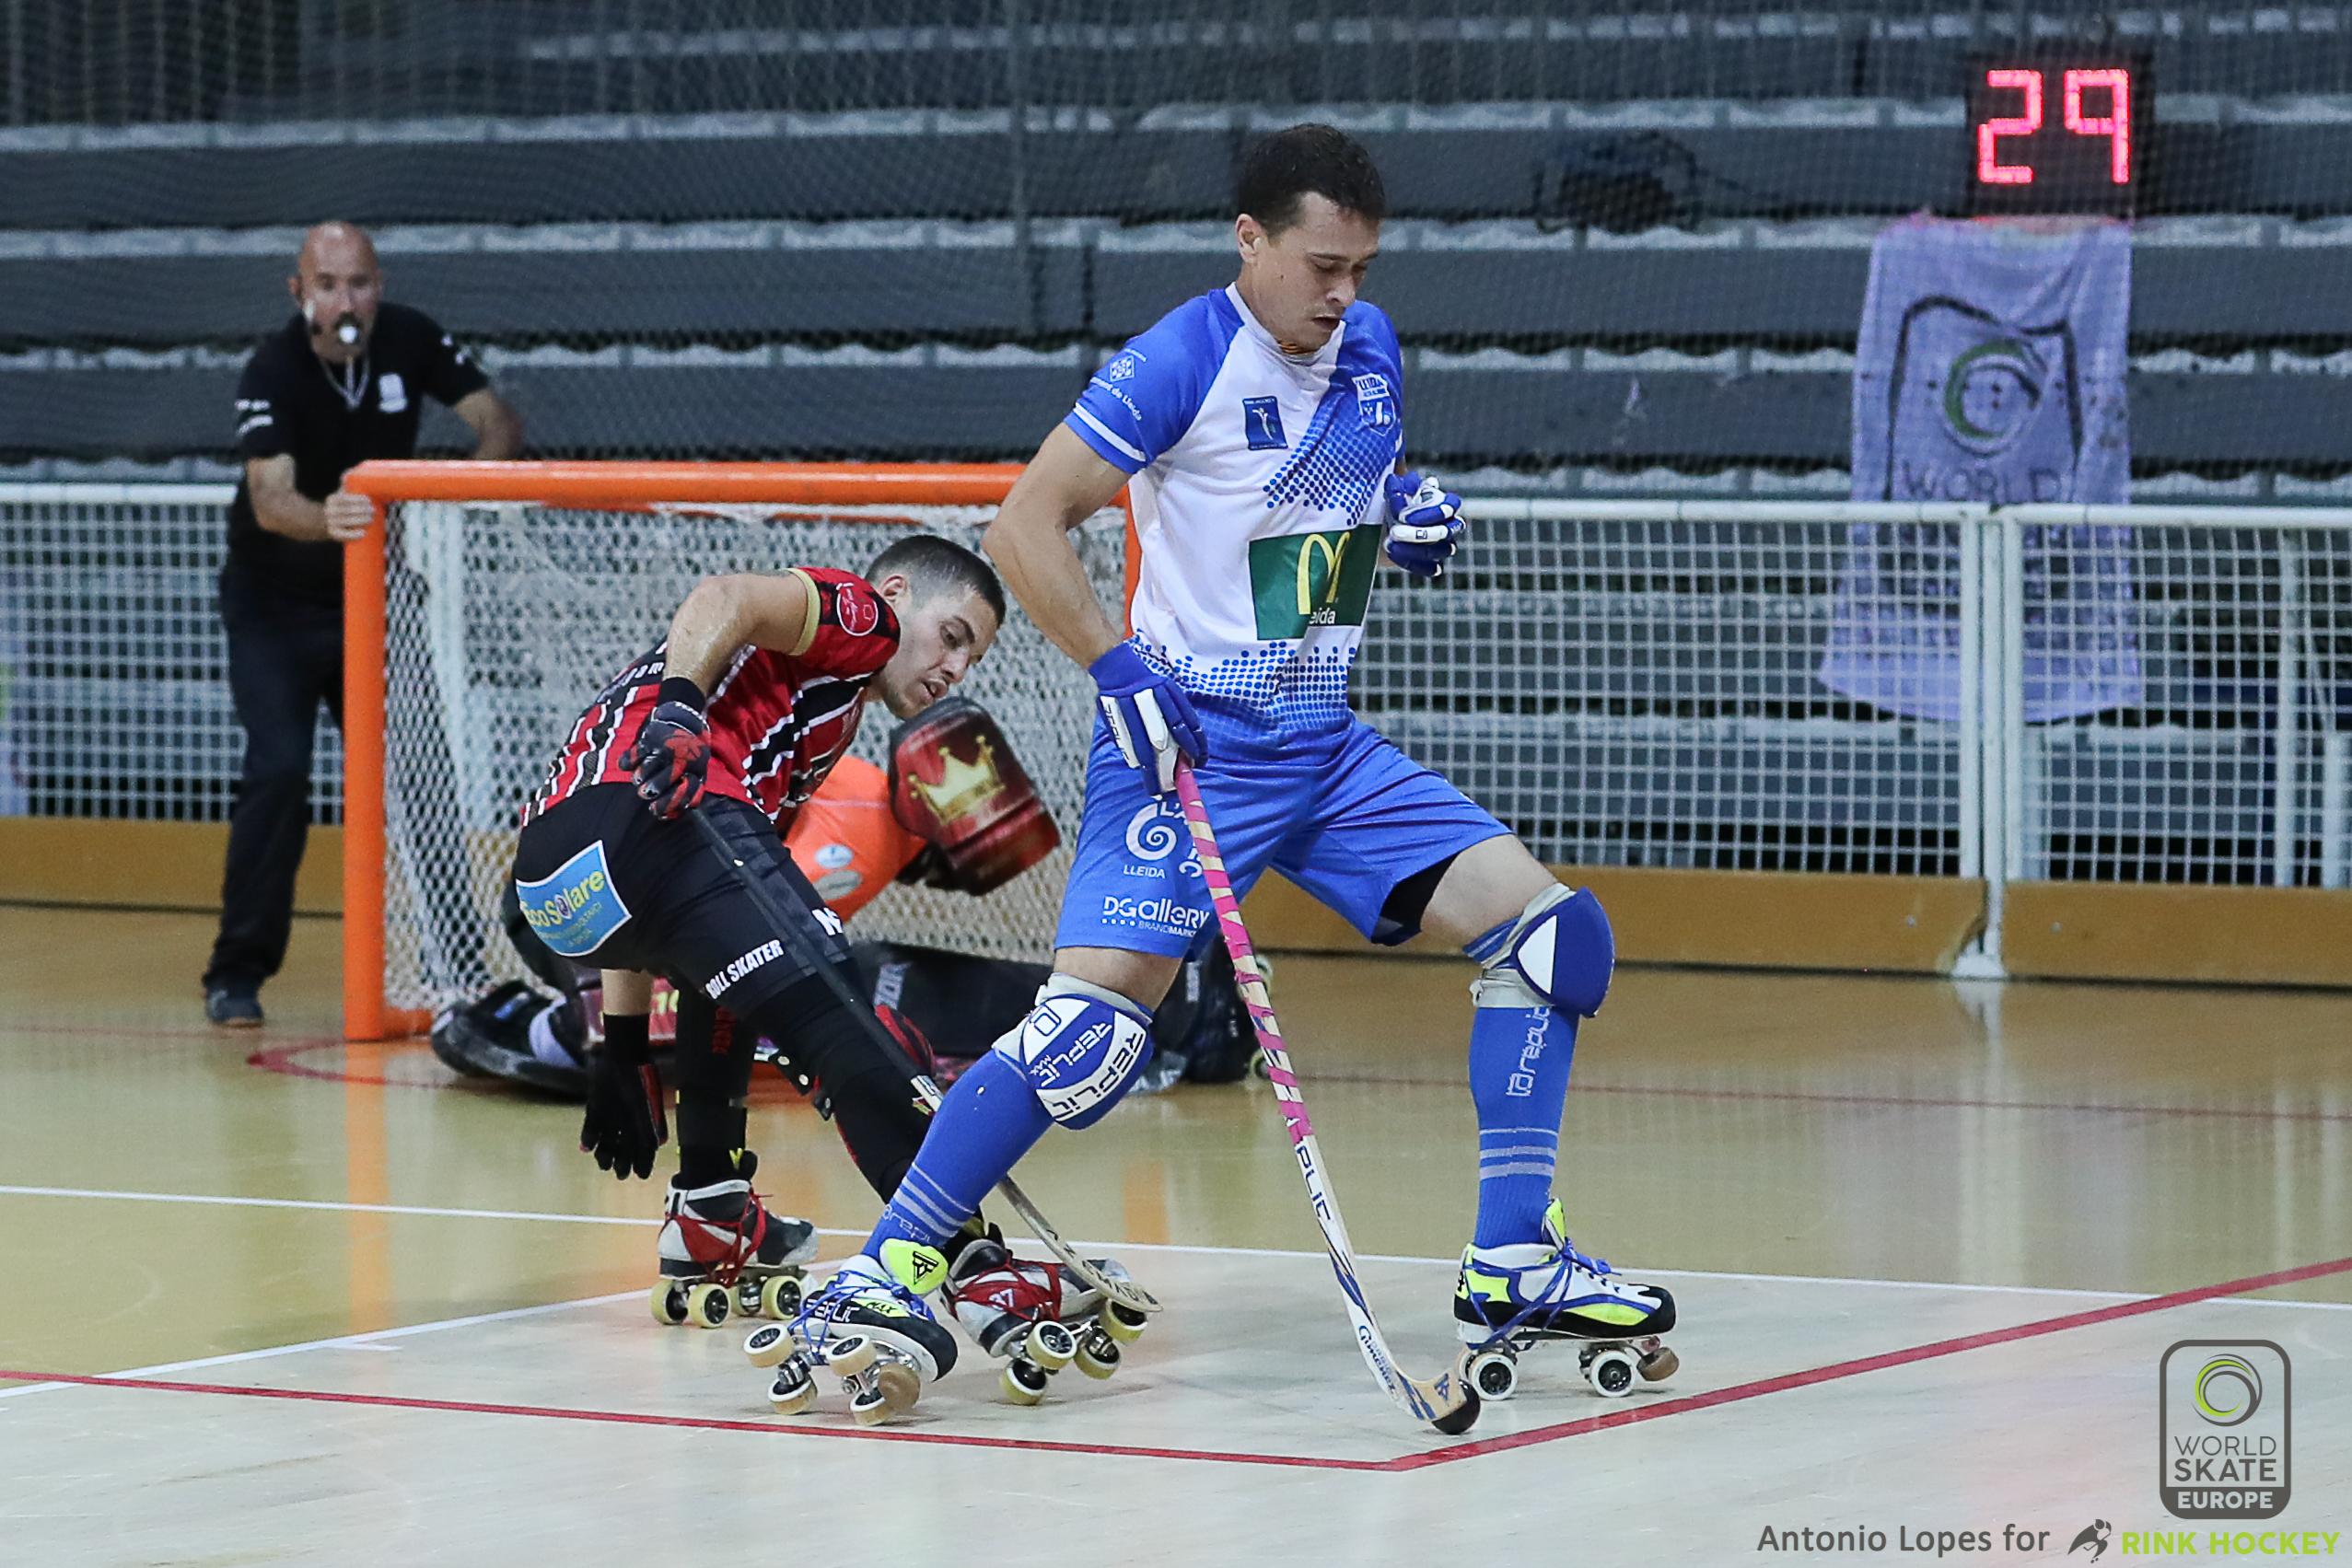 PHOTOS - 20-06-2021 - WS EUROPE CUP - Match #025 - CE Lleida Llista (SP) x H.Sarzana (I)T